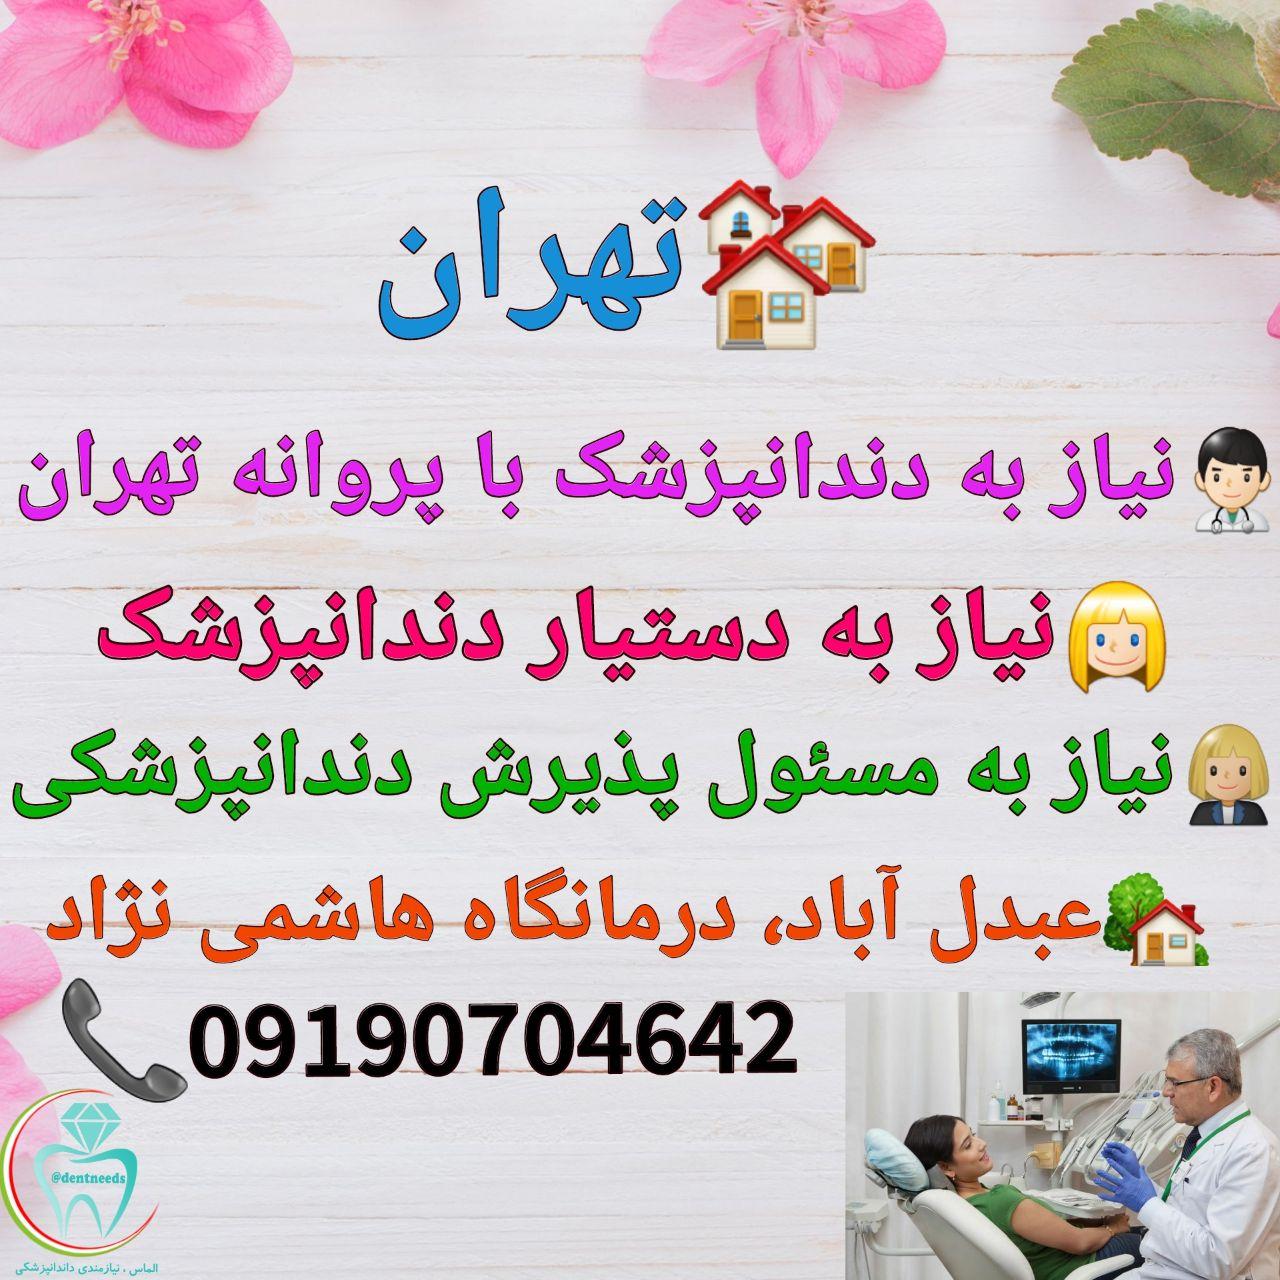 تهران، نیاز به دندانپزشک، دستیار دندانپزشک، مسئول پذیرش